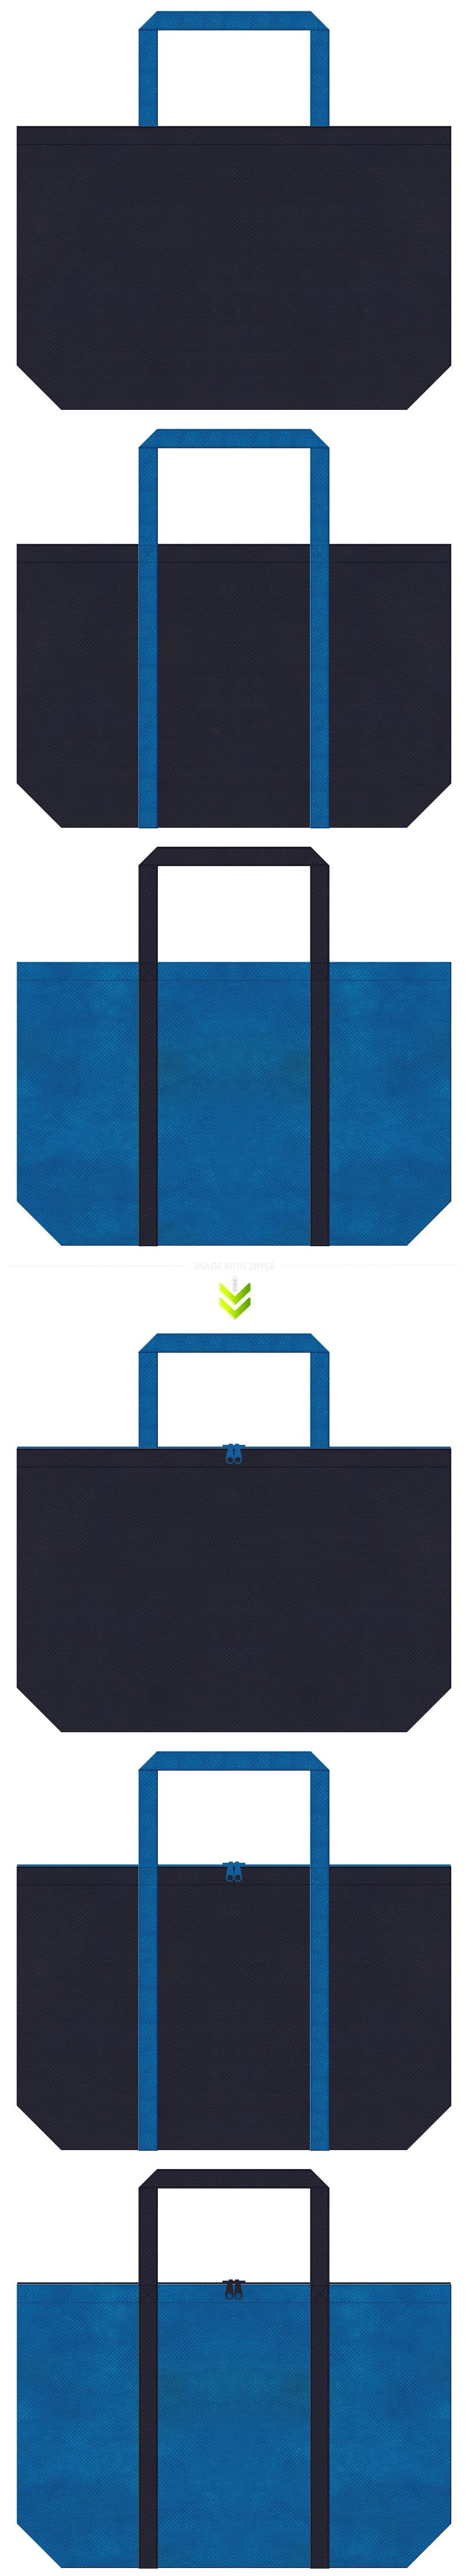 水族館・マリンスポーツ・ダイビング・LED・AI・電子部品・防犯カメラ・ドライブレコーダー・セキュリティの展示会用バッグ・ランドリーバッグにお奨めの不織布バッグデザイン:濃紺色と青色のコーデ